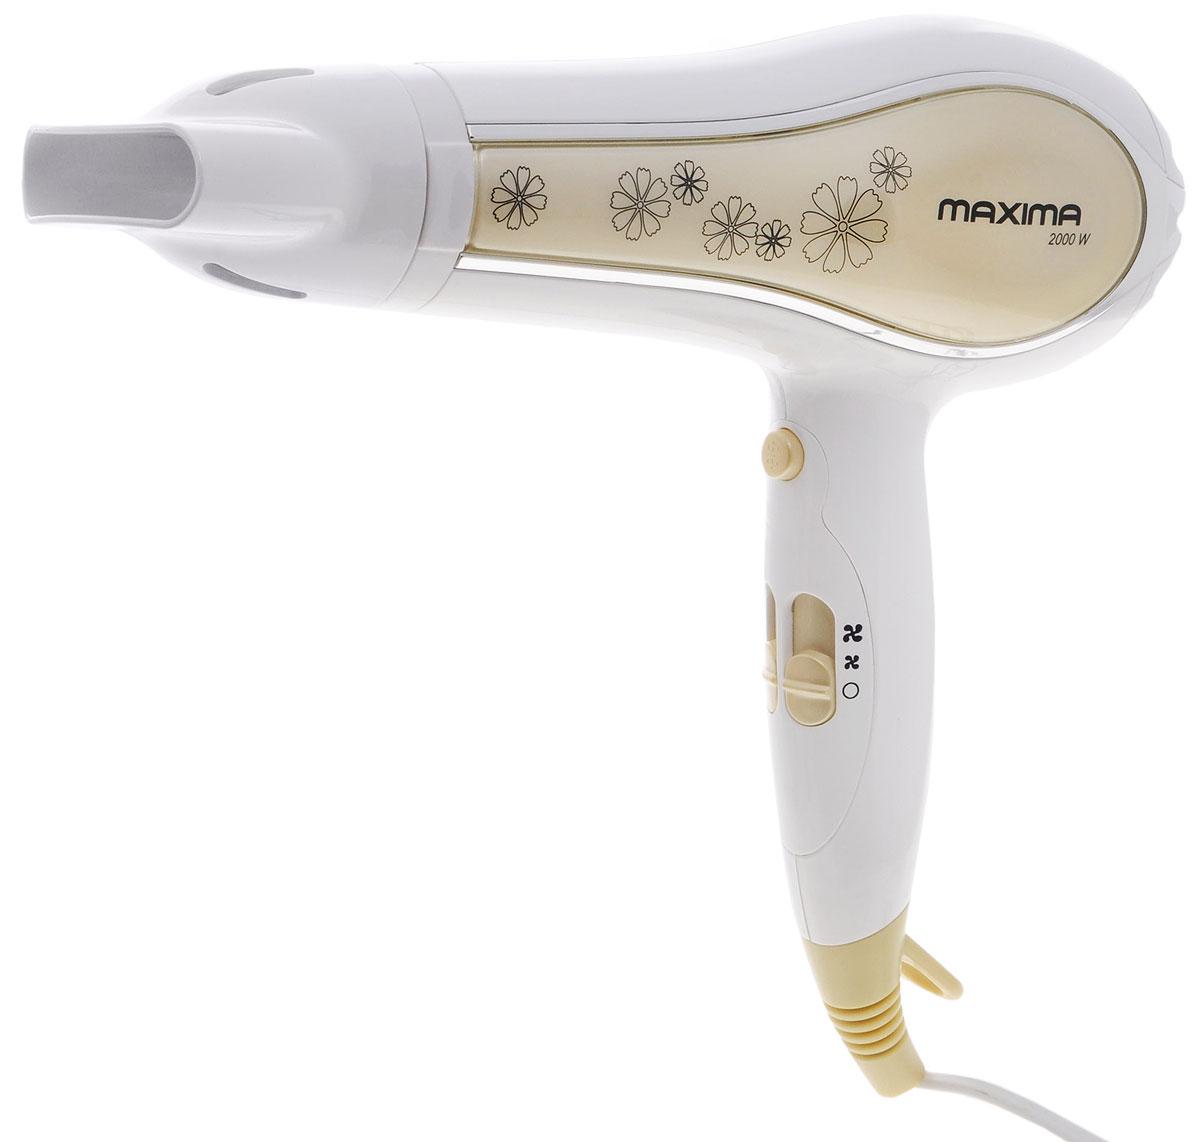 Maxima MF-165, White фенMF-165_WhiteФен Maxima MF-165 поможет сделать красивую укладку. Петля на рукоятке позволяет удобно хранить прибор. Насадка-концентратор создает мощный поток воздуха, который быстро сушит волосы. Фен оснащен защитой от перегрева.